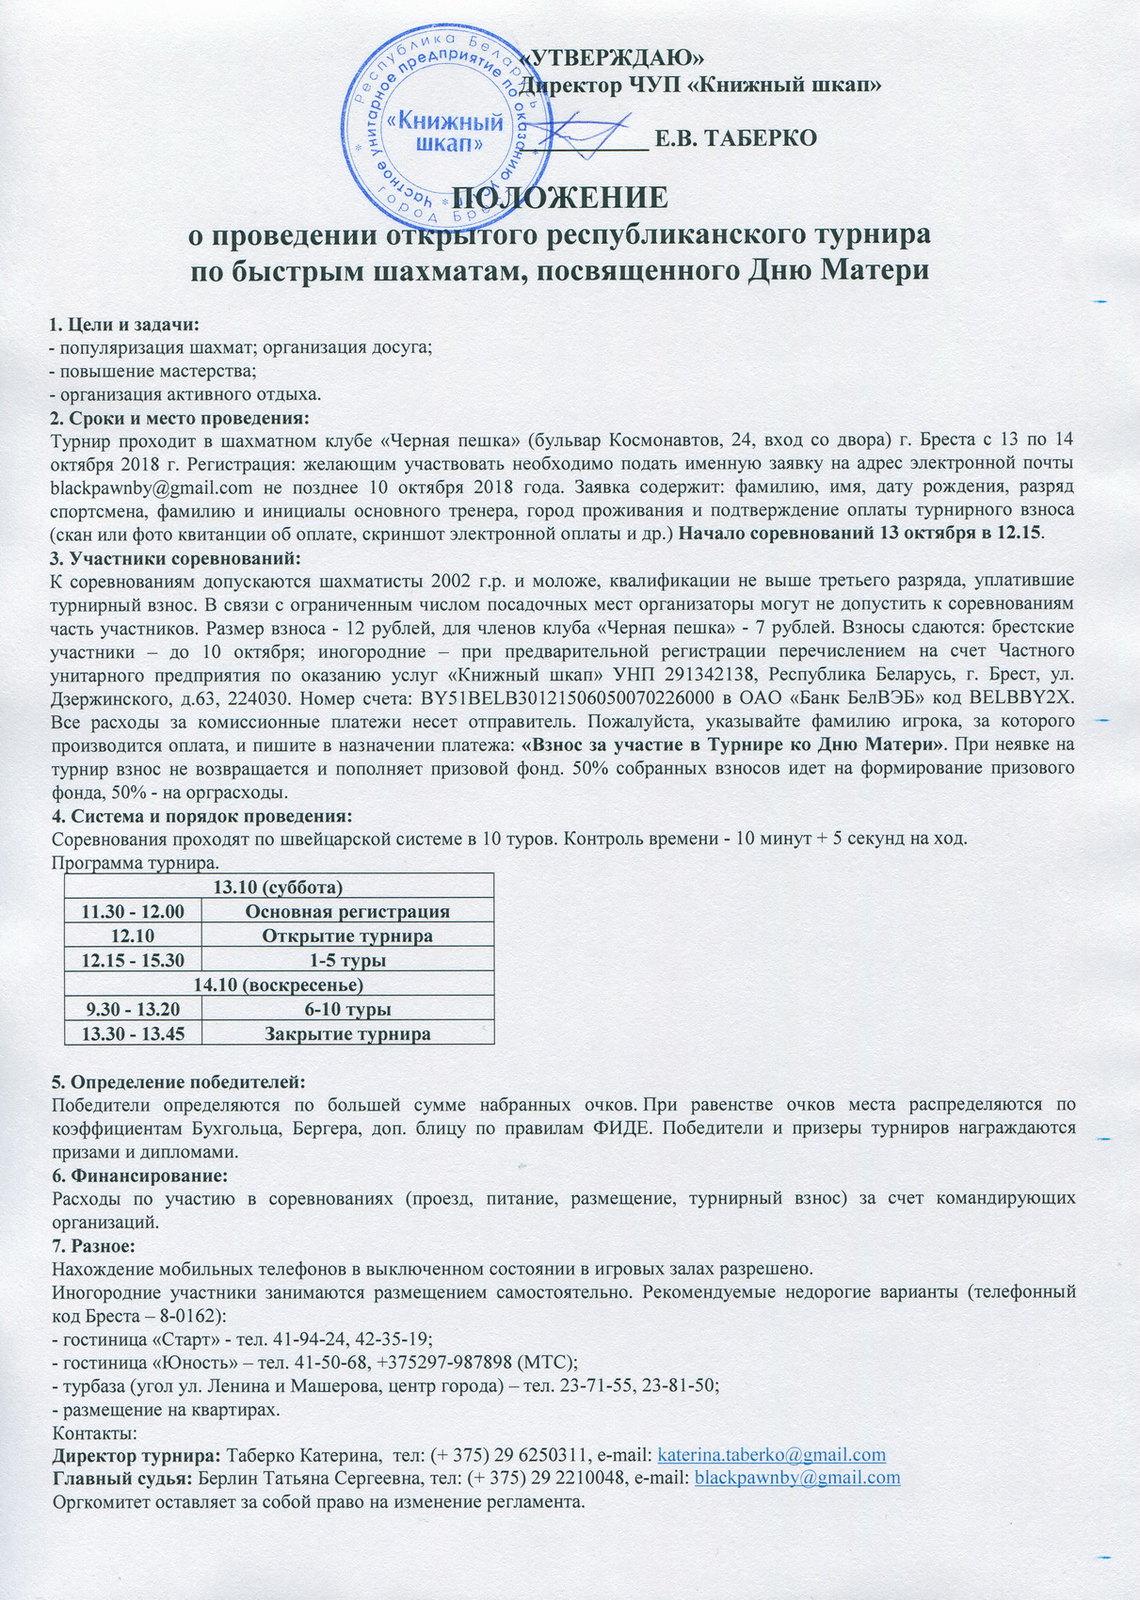 img518 Копирование